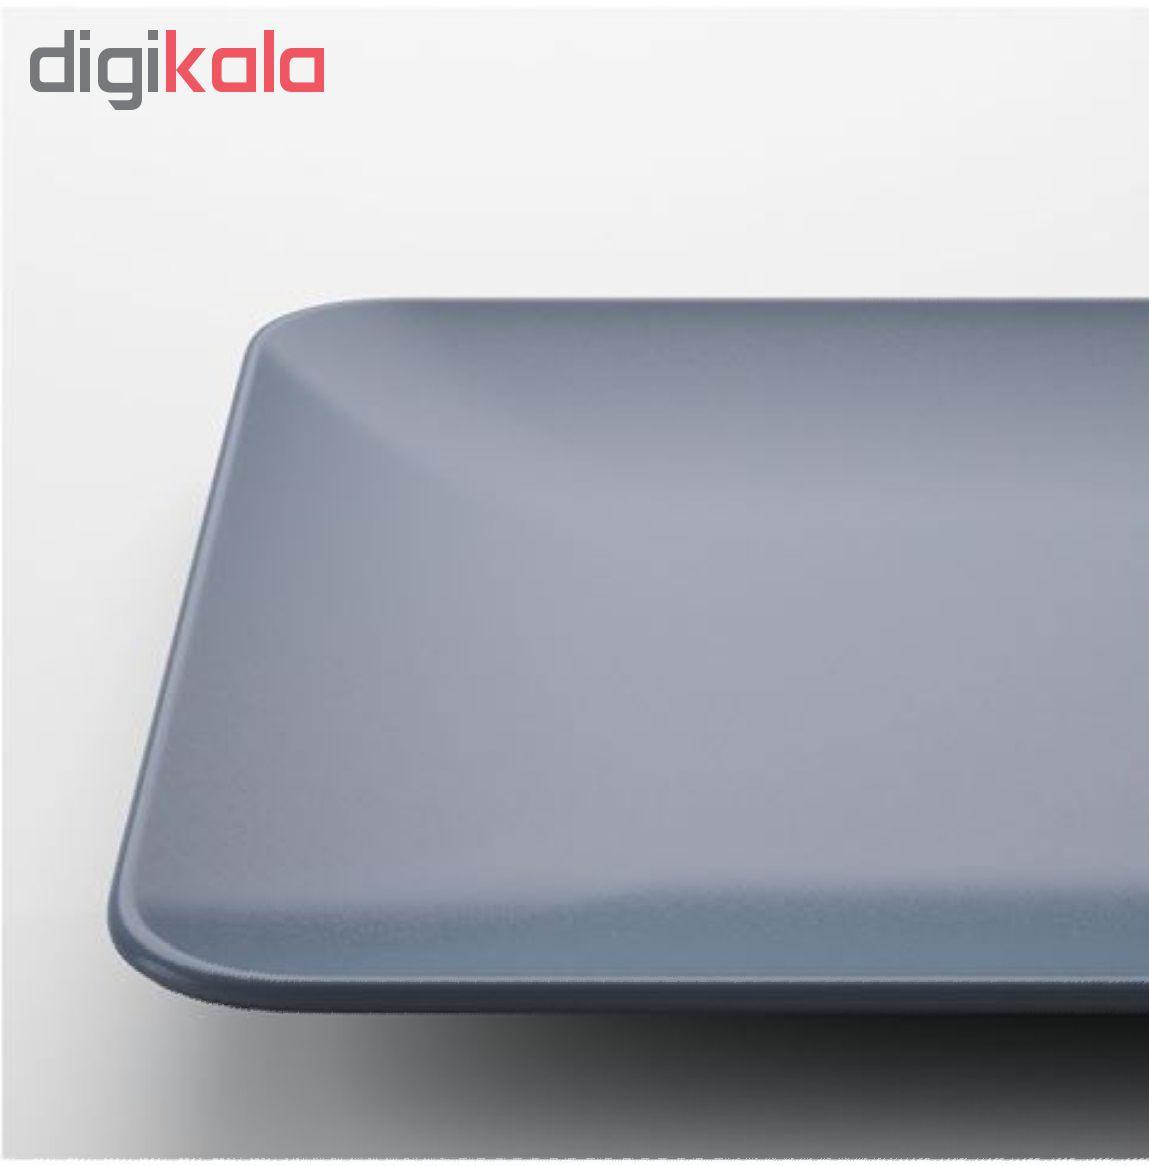 دیس ایکیا مدل Dinera 40152548